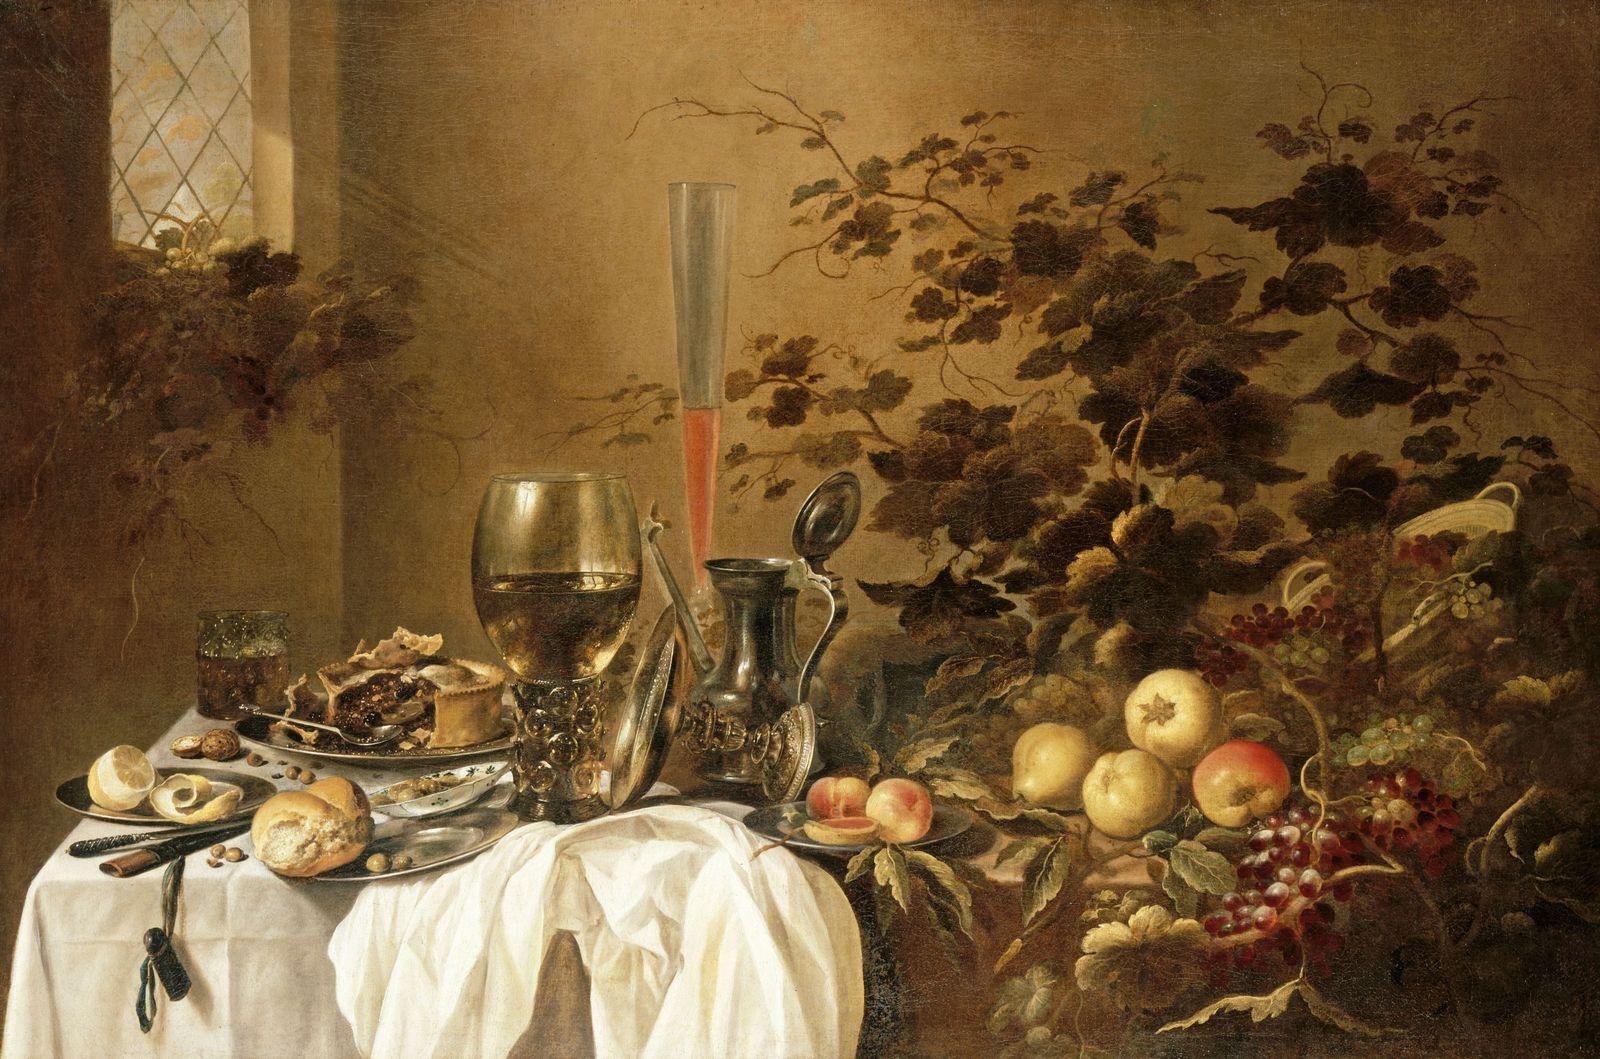 Pieter Claesz und Roelof Claesz Koets: Stillleben mit Trinkgefäßen und Früchten (17. Jahrhundert);  (c) bpk / Gemäldegalerie, SMB / Volker-H. Schneider